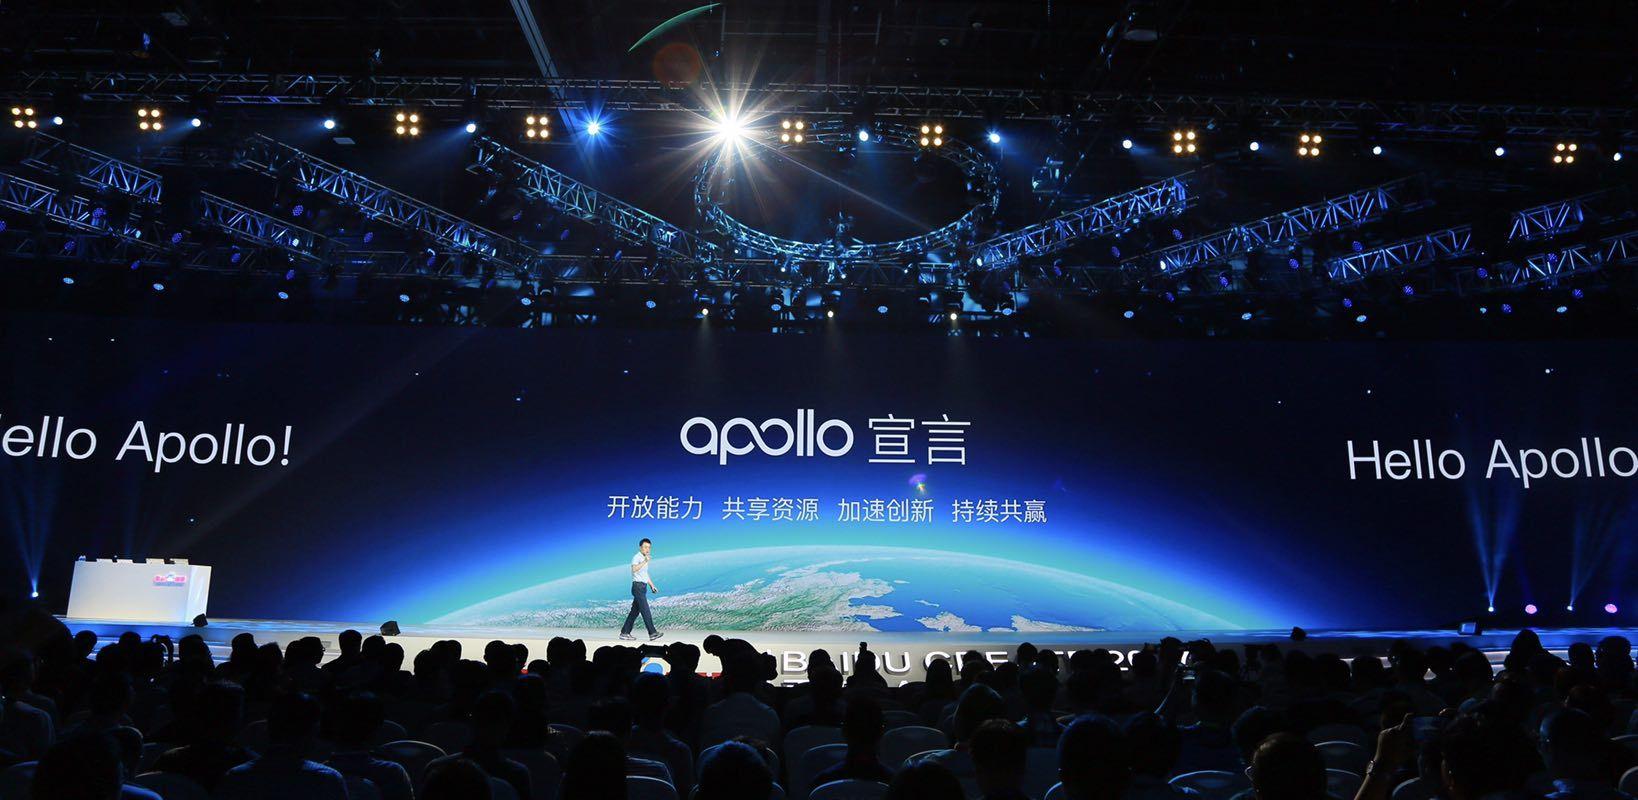 投入不及巨头十分之一,百度Apollo真实实力有几何?的照片 - 1